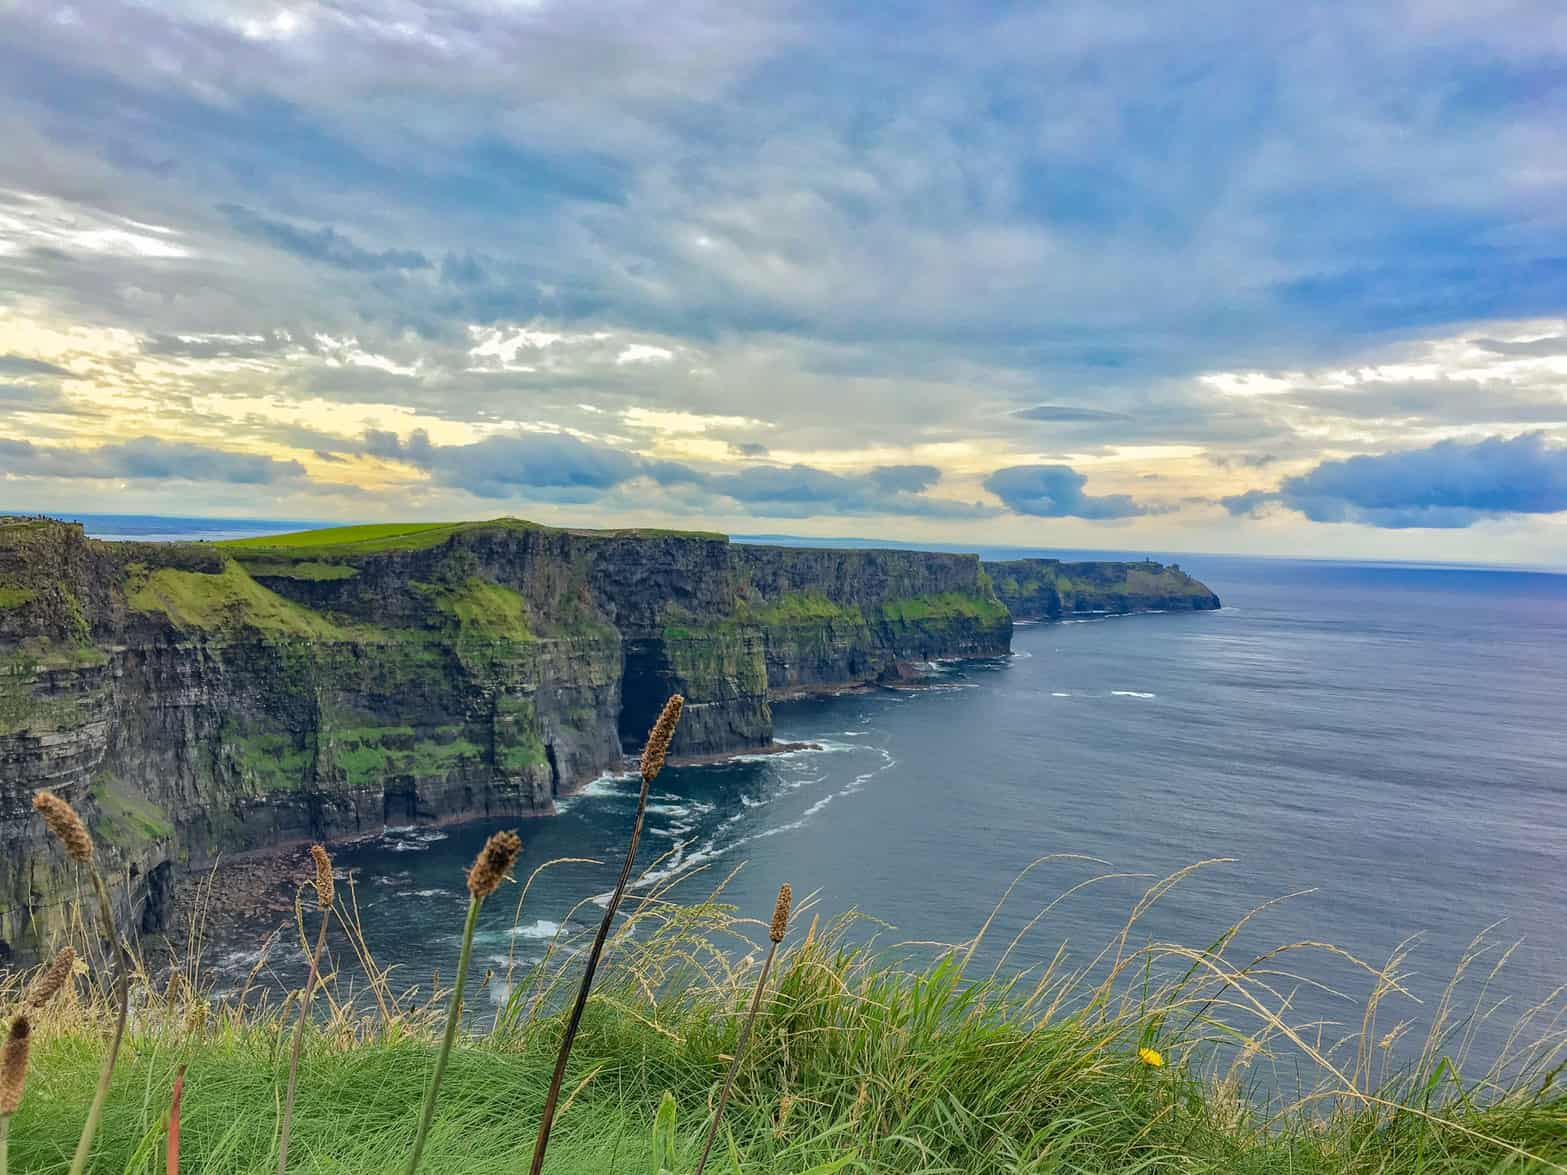 Irlanda chamando: tudo que você precisa saber sobre a Ilha da Esmeralda